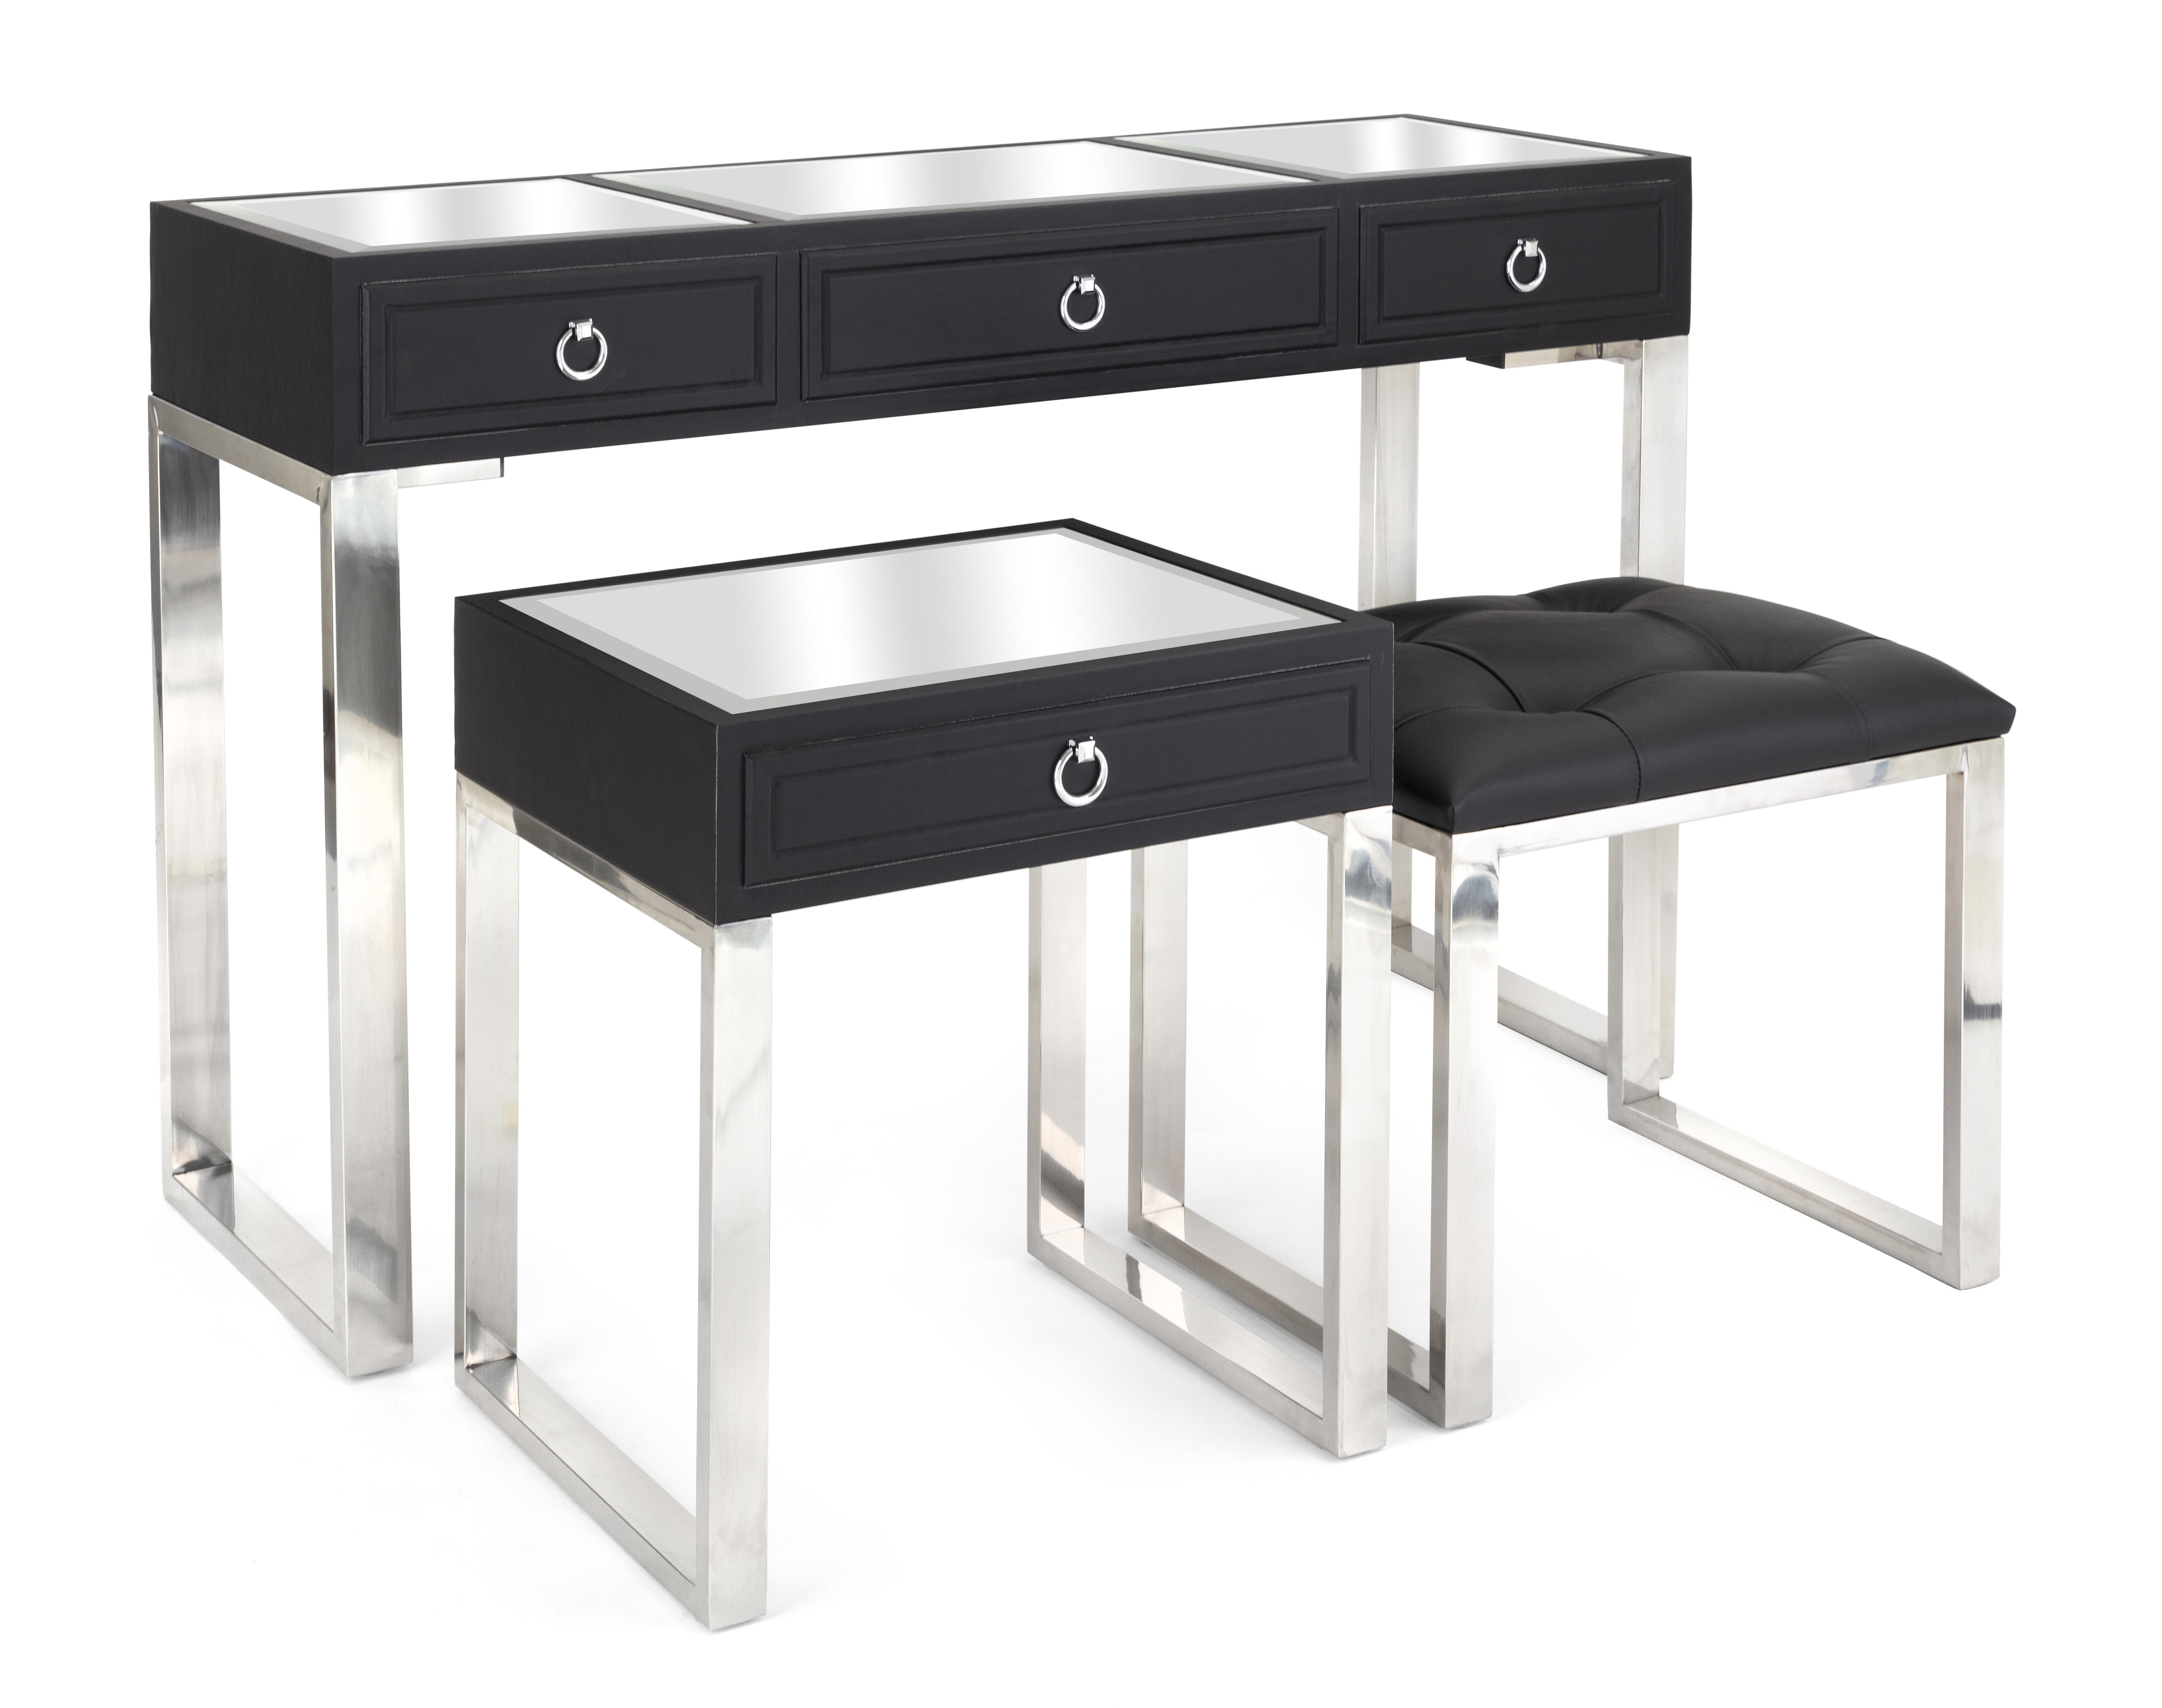 IMAX PGA Mulligan tables bench set